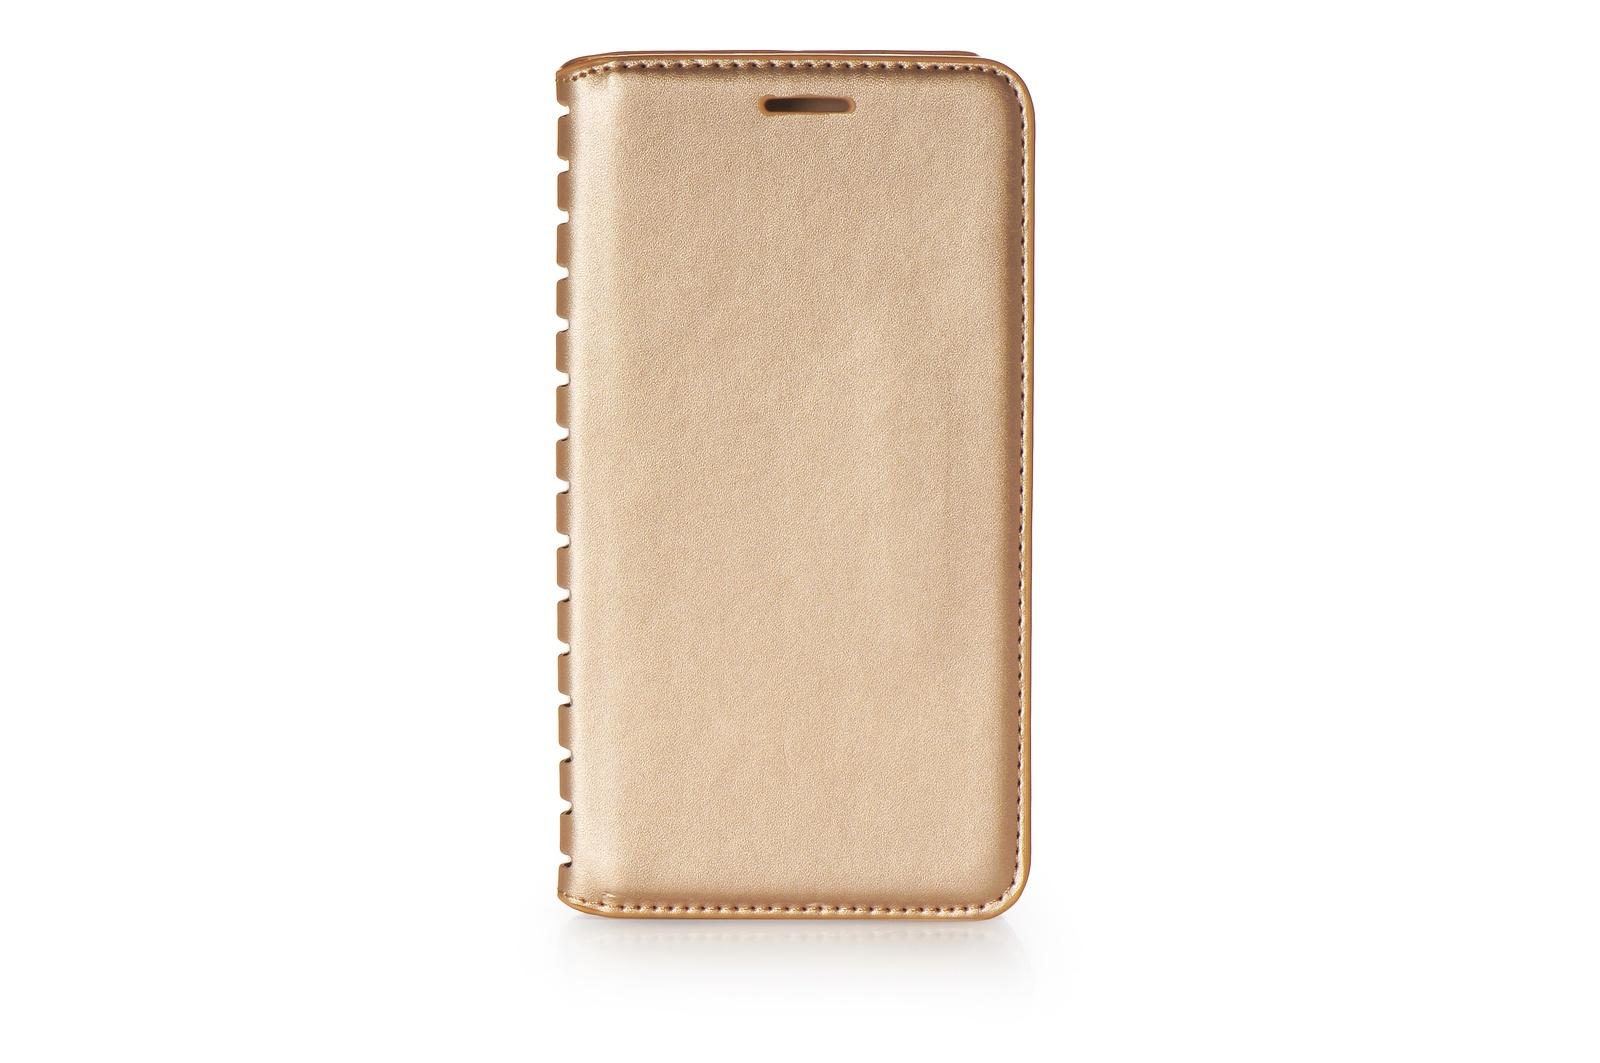 Чехол для сотового телефона Gurdini Чехол книжка с силиконом на магните Premium для Samsung Galaxy J6 2018, 906539, золотой